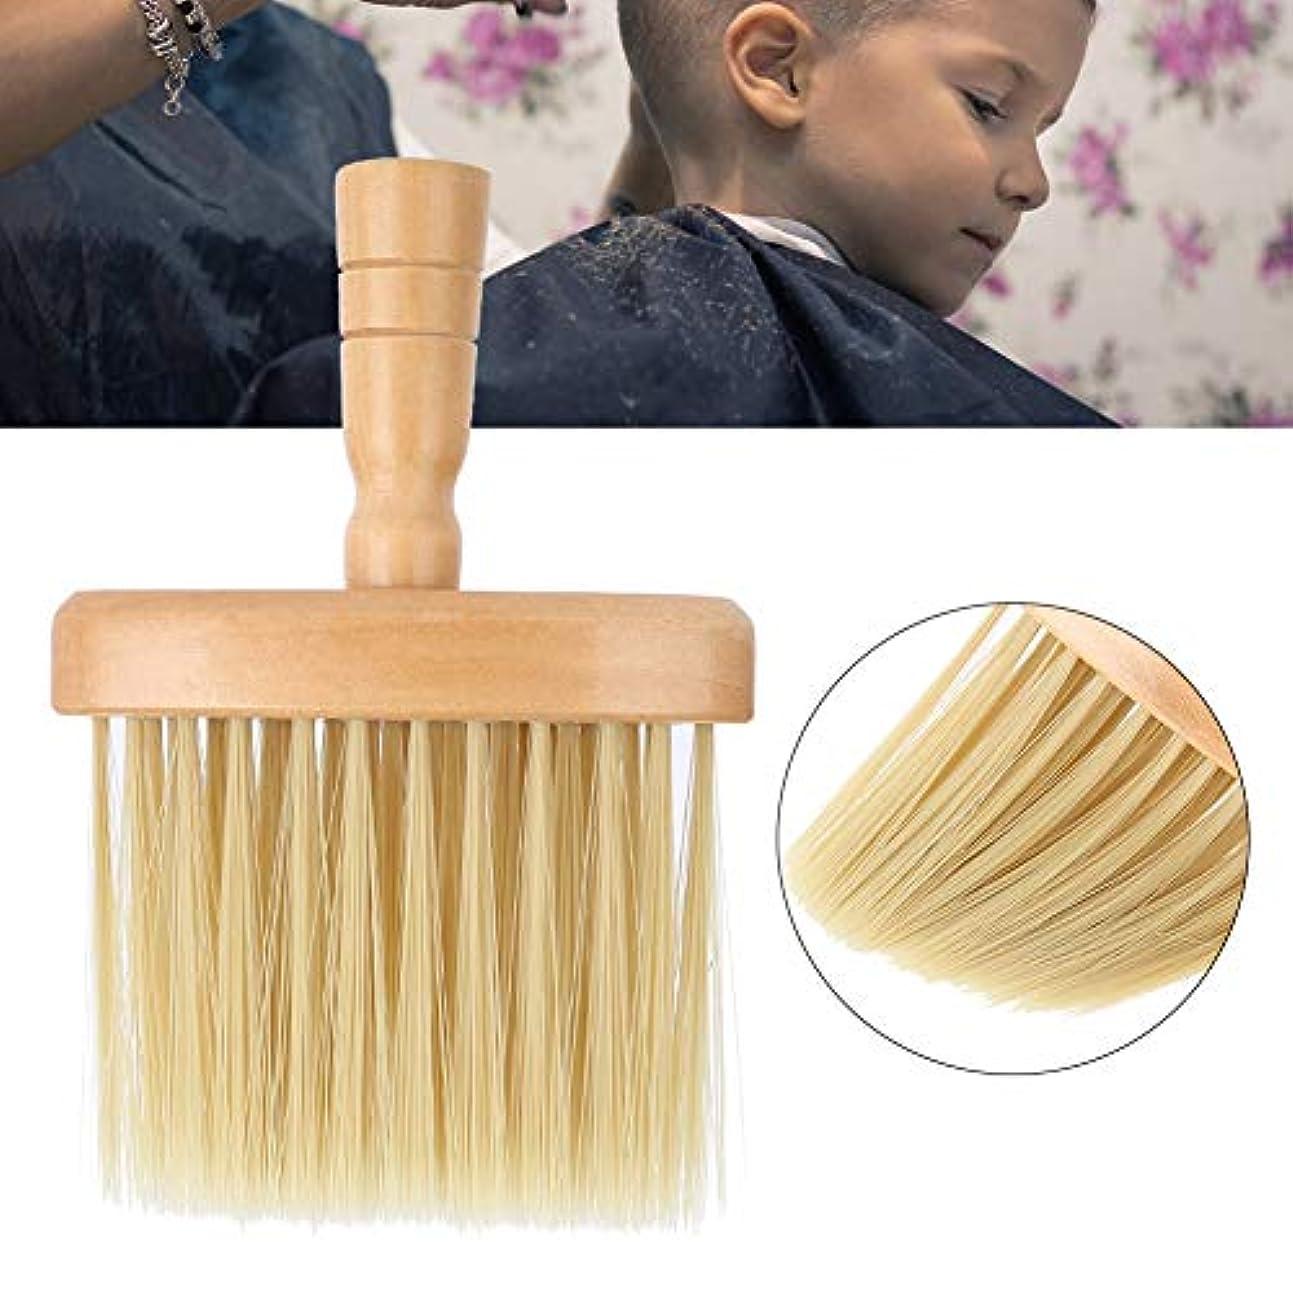 サーキットに行く政治家保持ネックフェイスダスターブラシ サロンヘアクリーニング 木製 スイープブラシヘアカット 理髪ツール